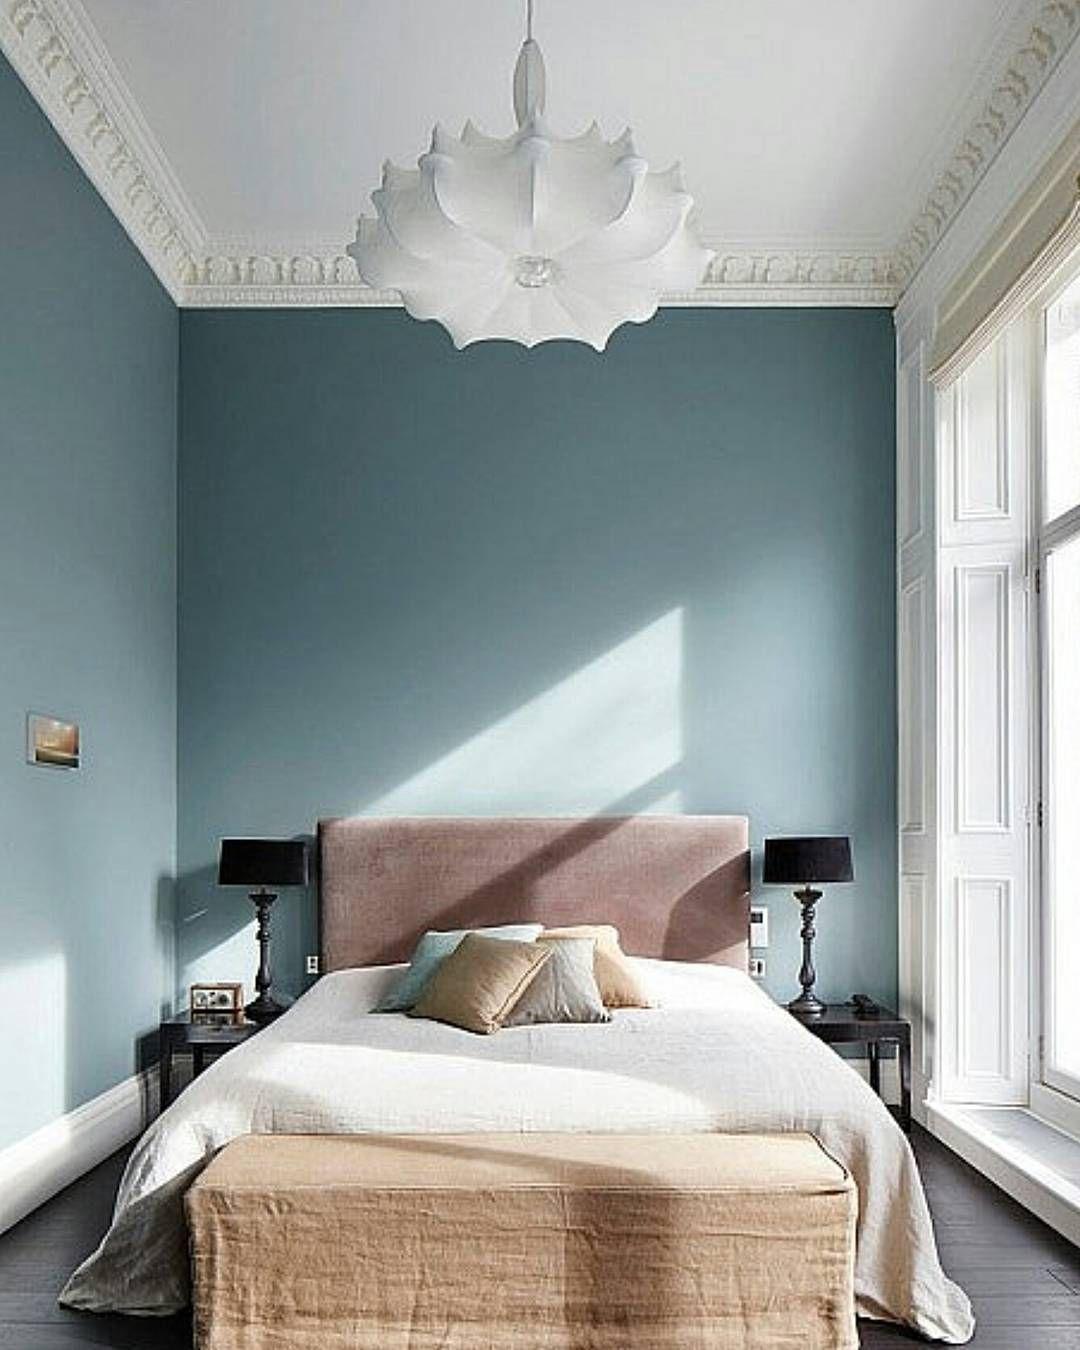 A Delightful Color Palette Mydecorvibe Colorlove Bedroom Textiles Interiordesign Pic Via Pi Bedroom Colour Palette Bedroom Trends Bedroom Colors